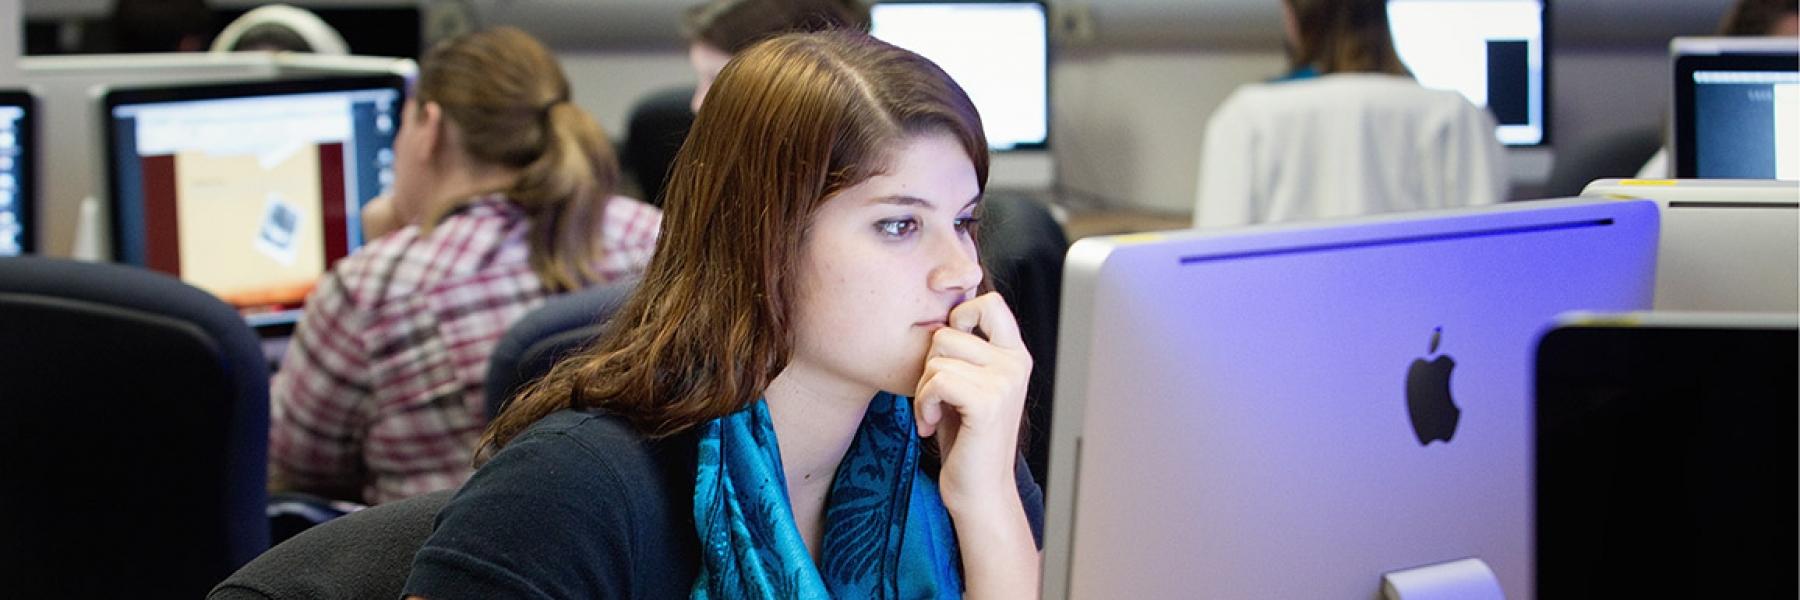 ASU student at computer